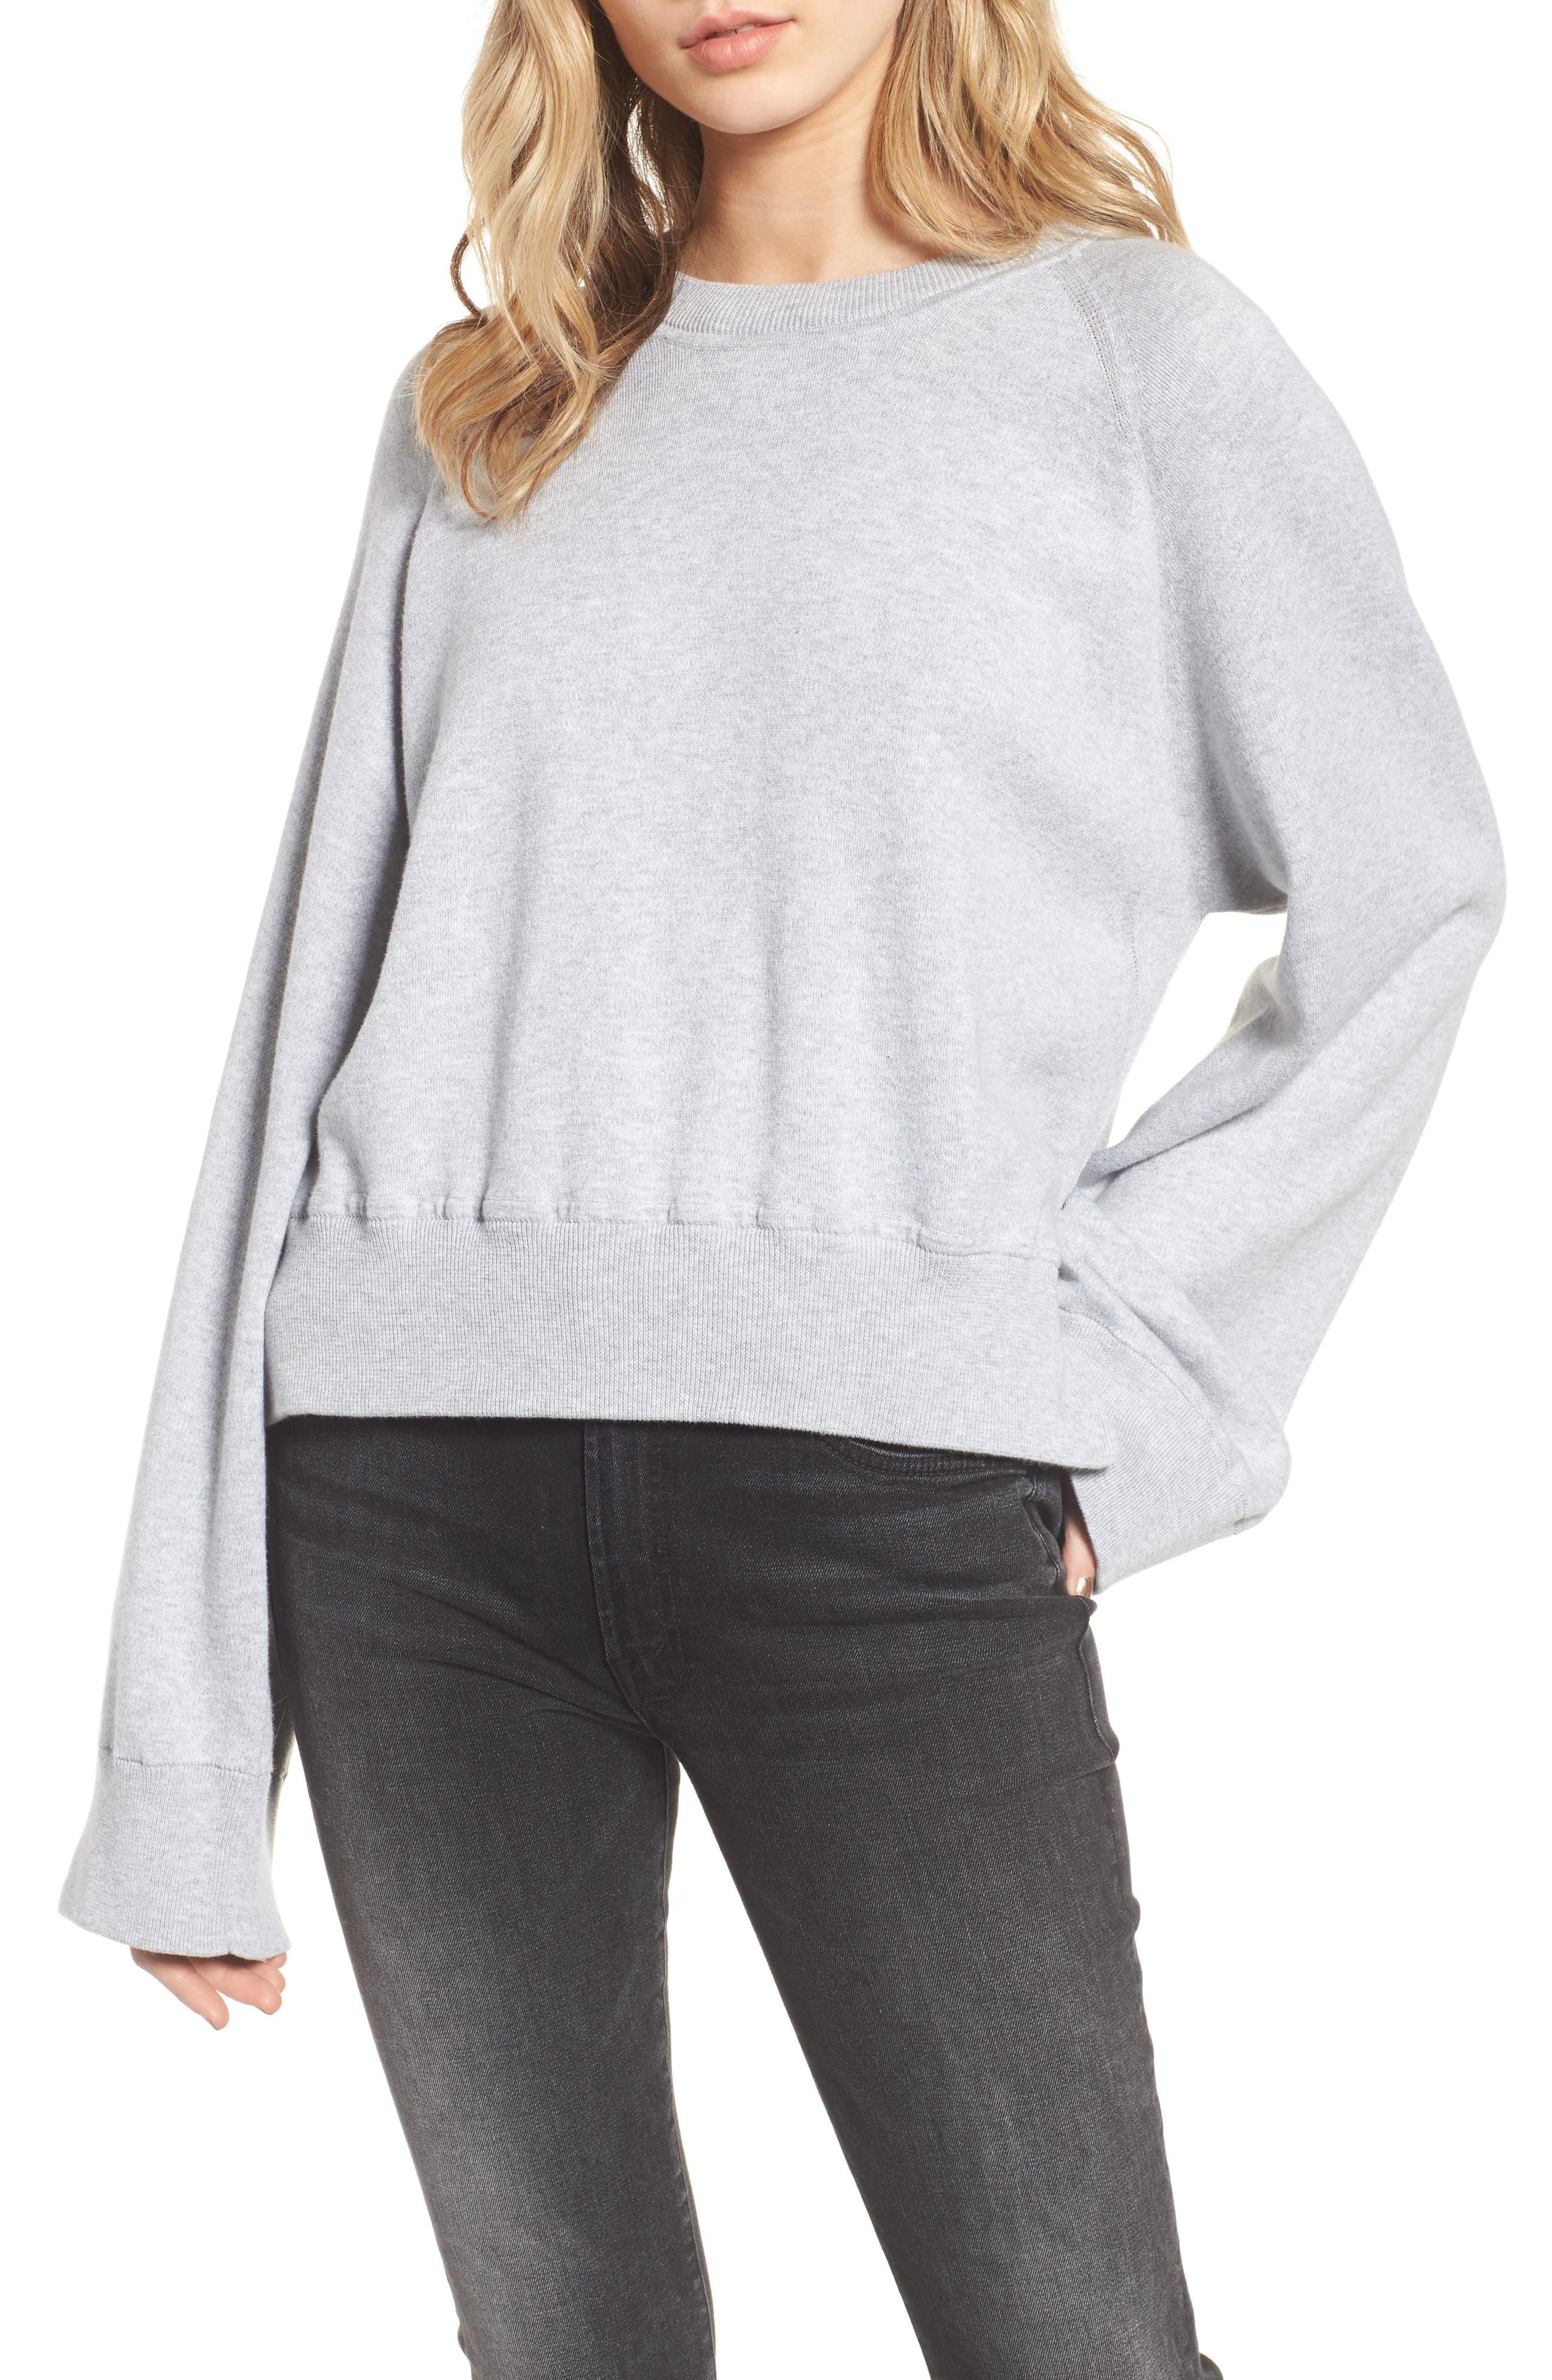 Lea Sweatshirt,                             Main thumbnail 1, color,                             Grey